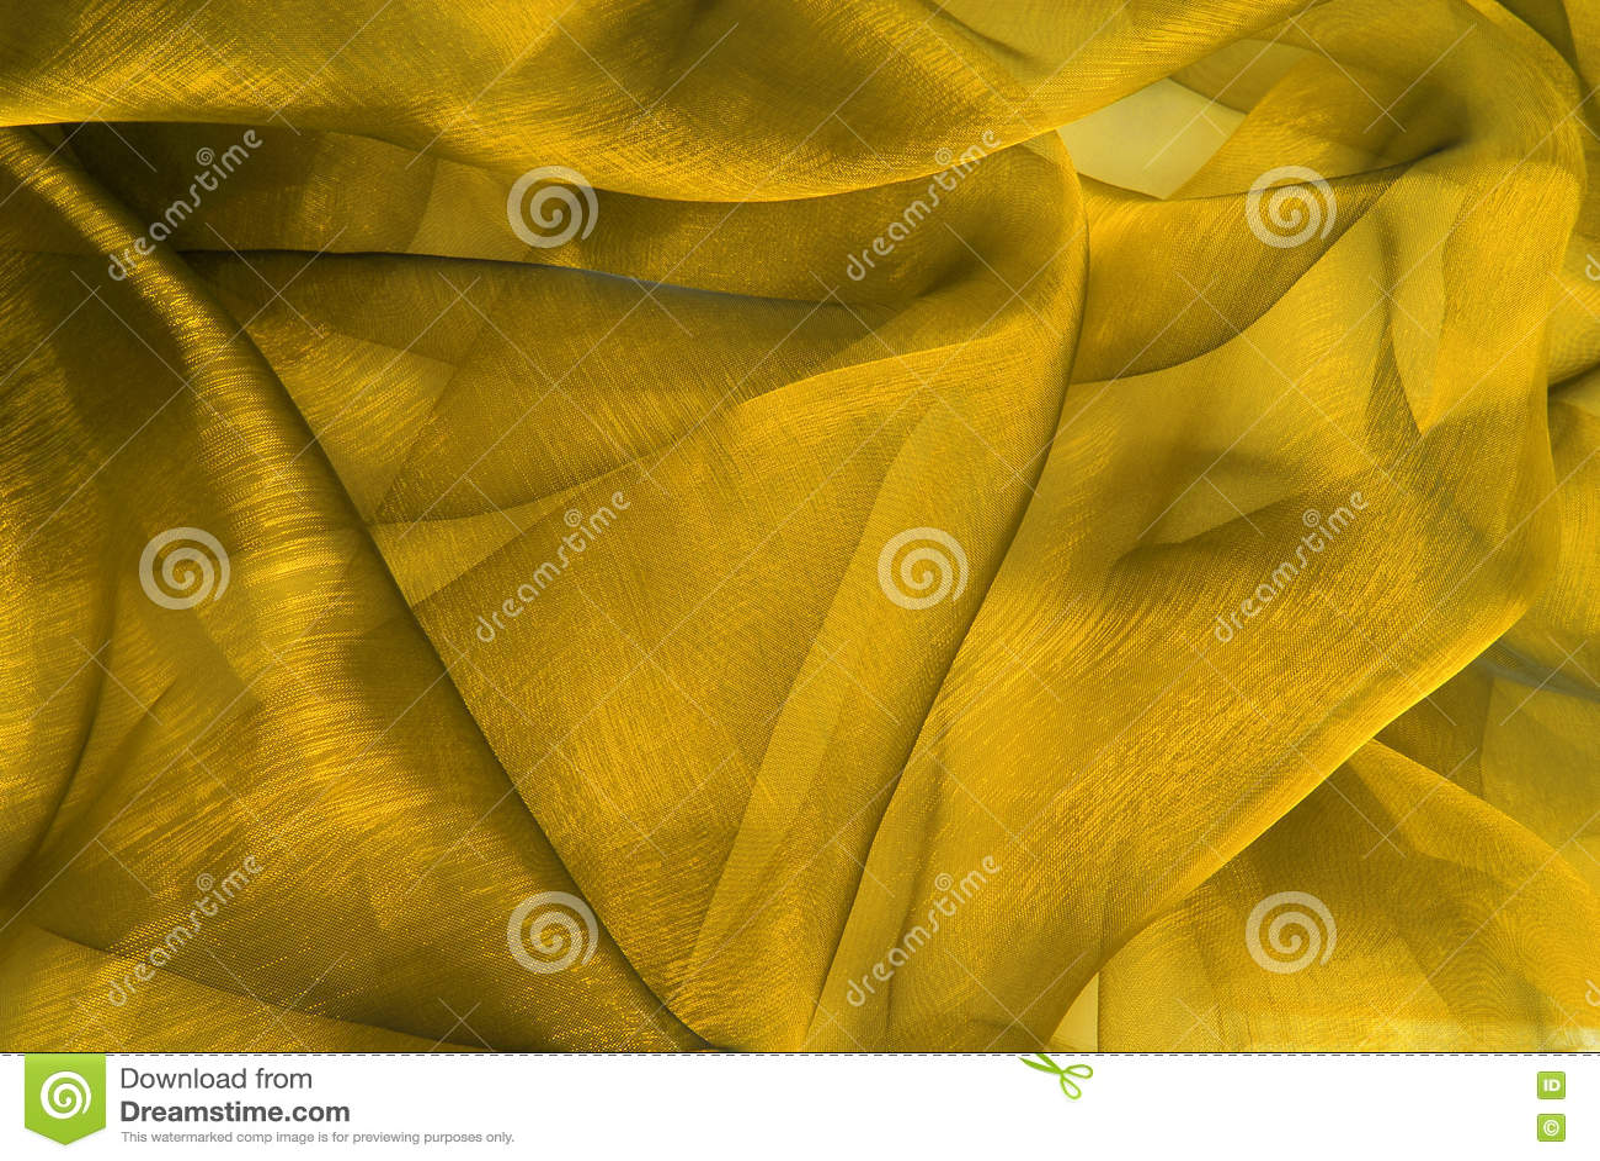 Tela ondulada de organza